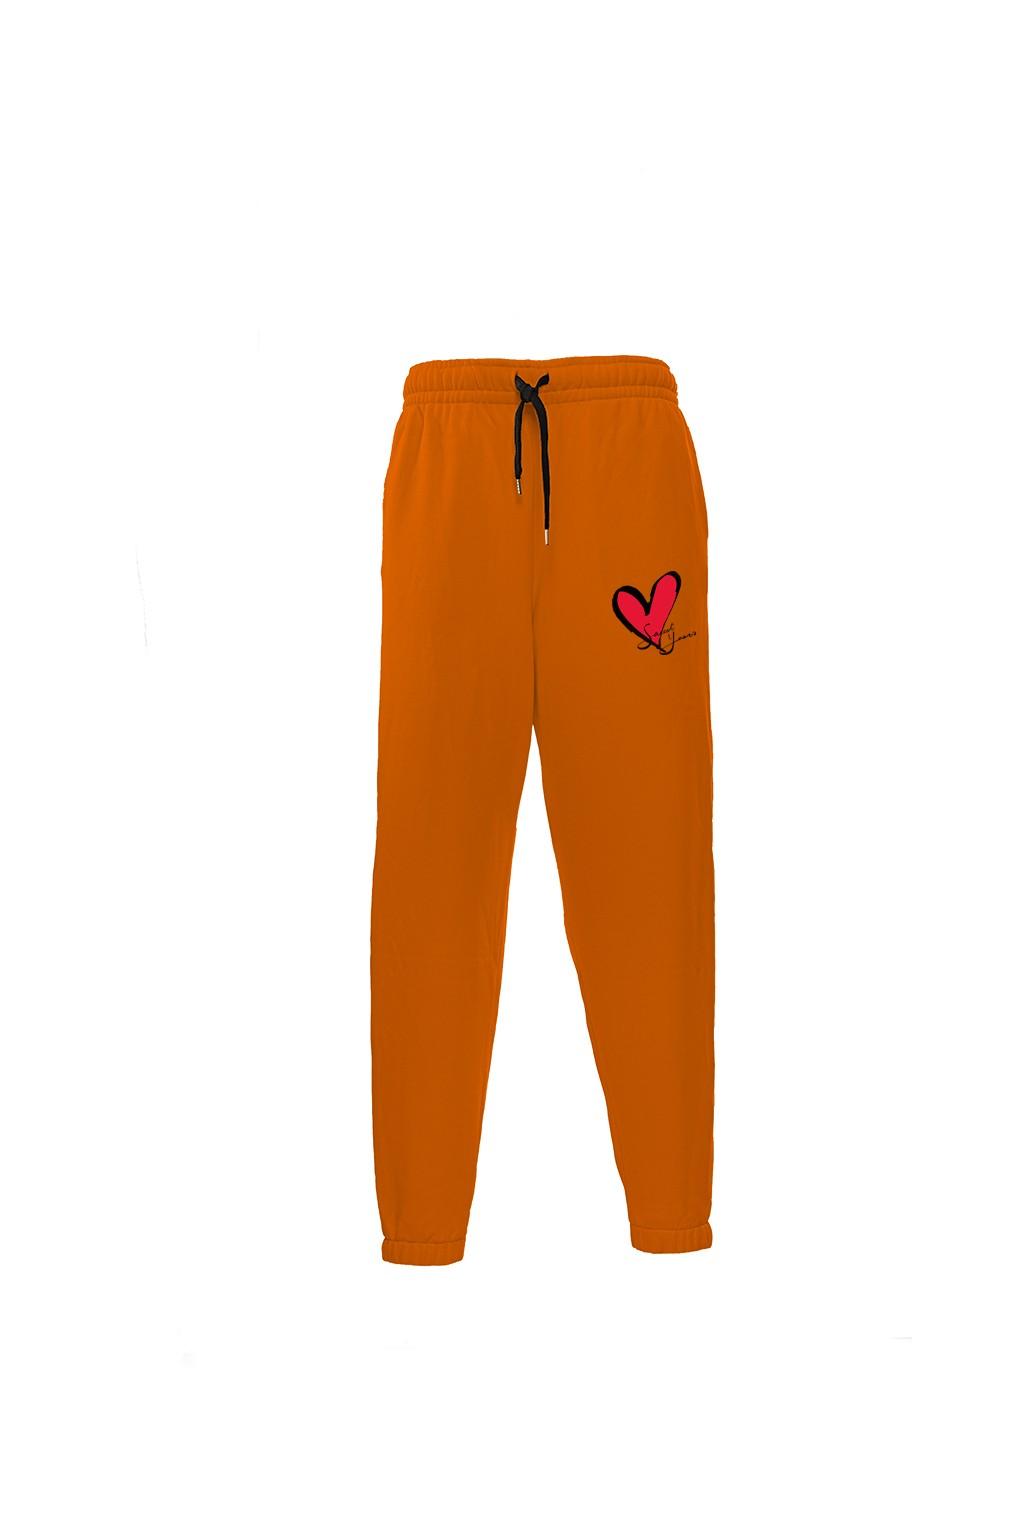 Pantaloni in felpa di cotone arancione con interno garzato Sweet Years Milano con stampa cuore classico.